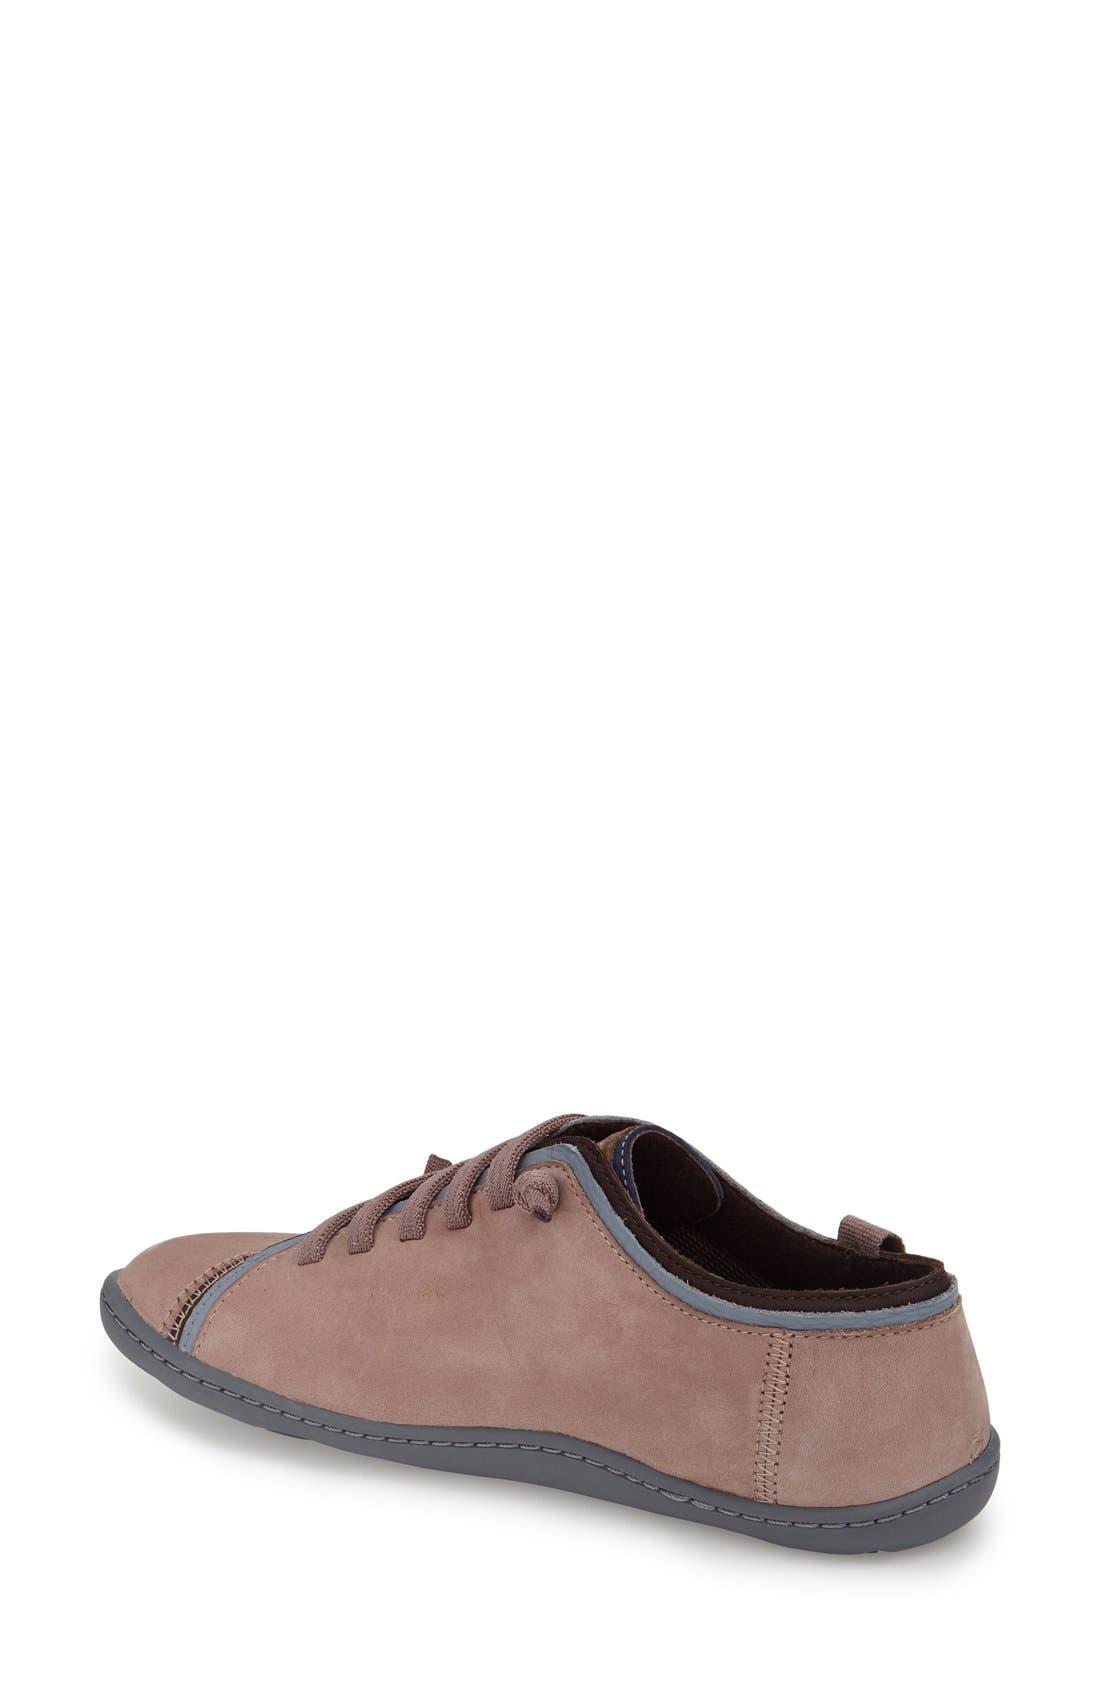 'TWS' Sneaker,                             Alternate thumbnail 3, color,                             530